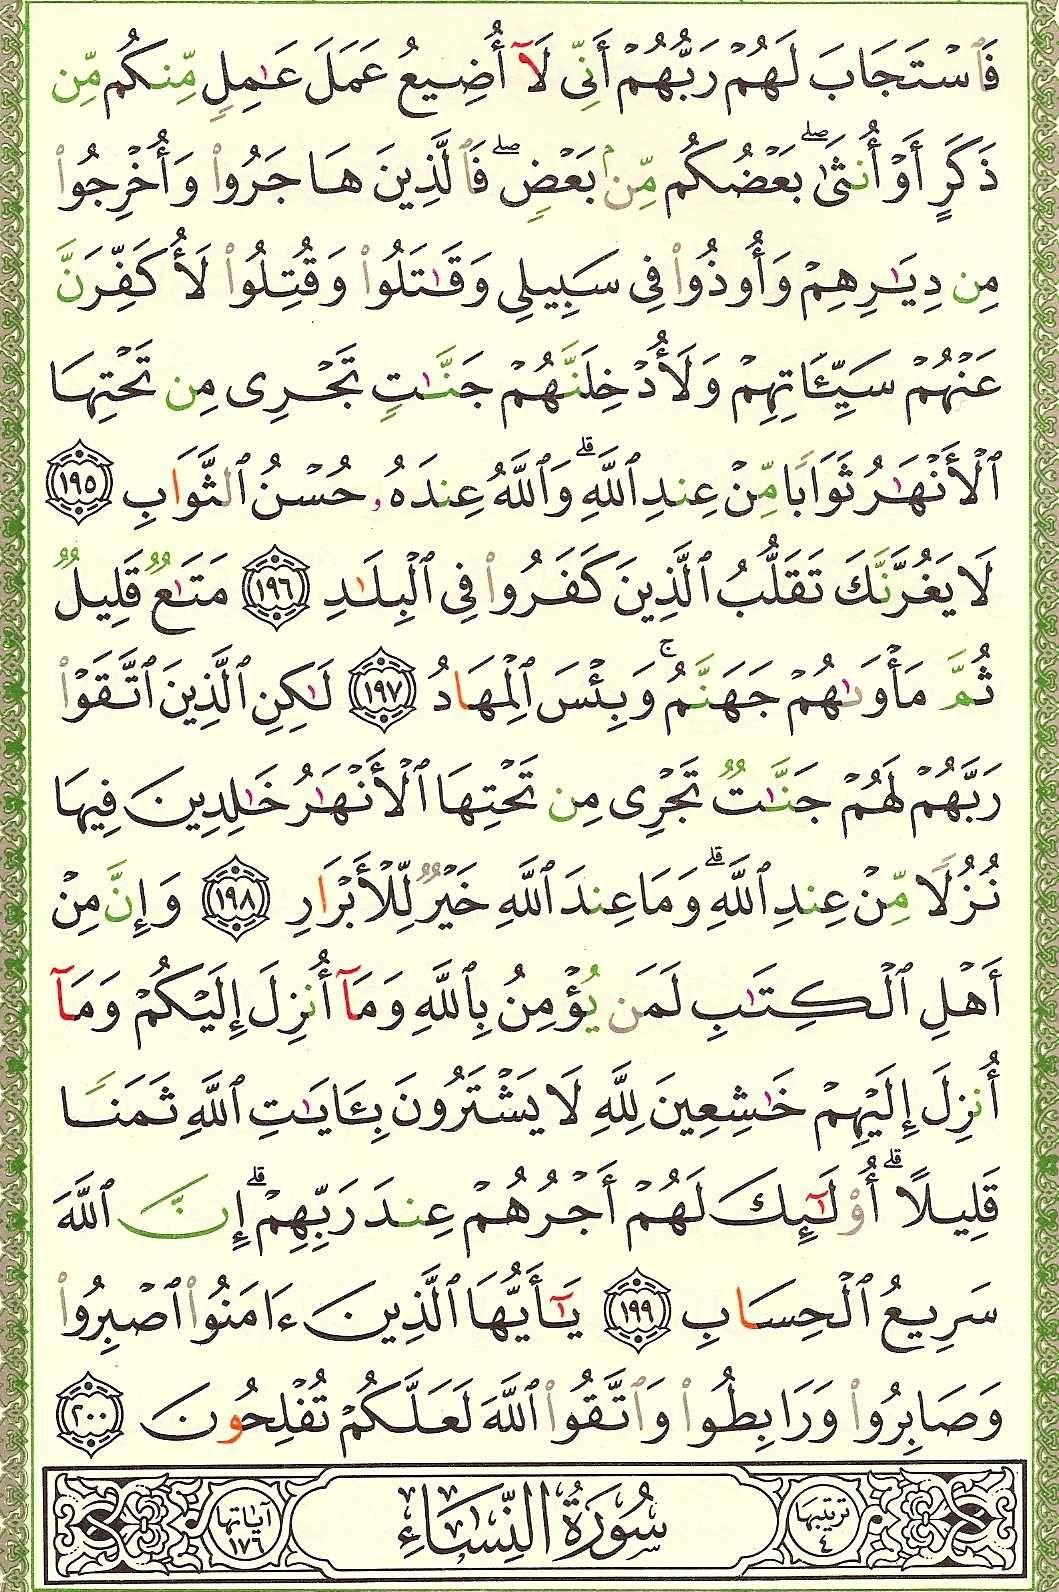 3. سورة آل عمران - Al-Imran مصورة من المصحف الشريف 076